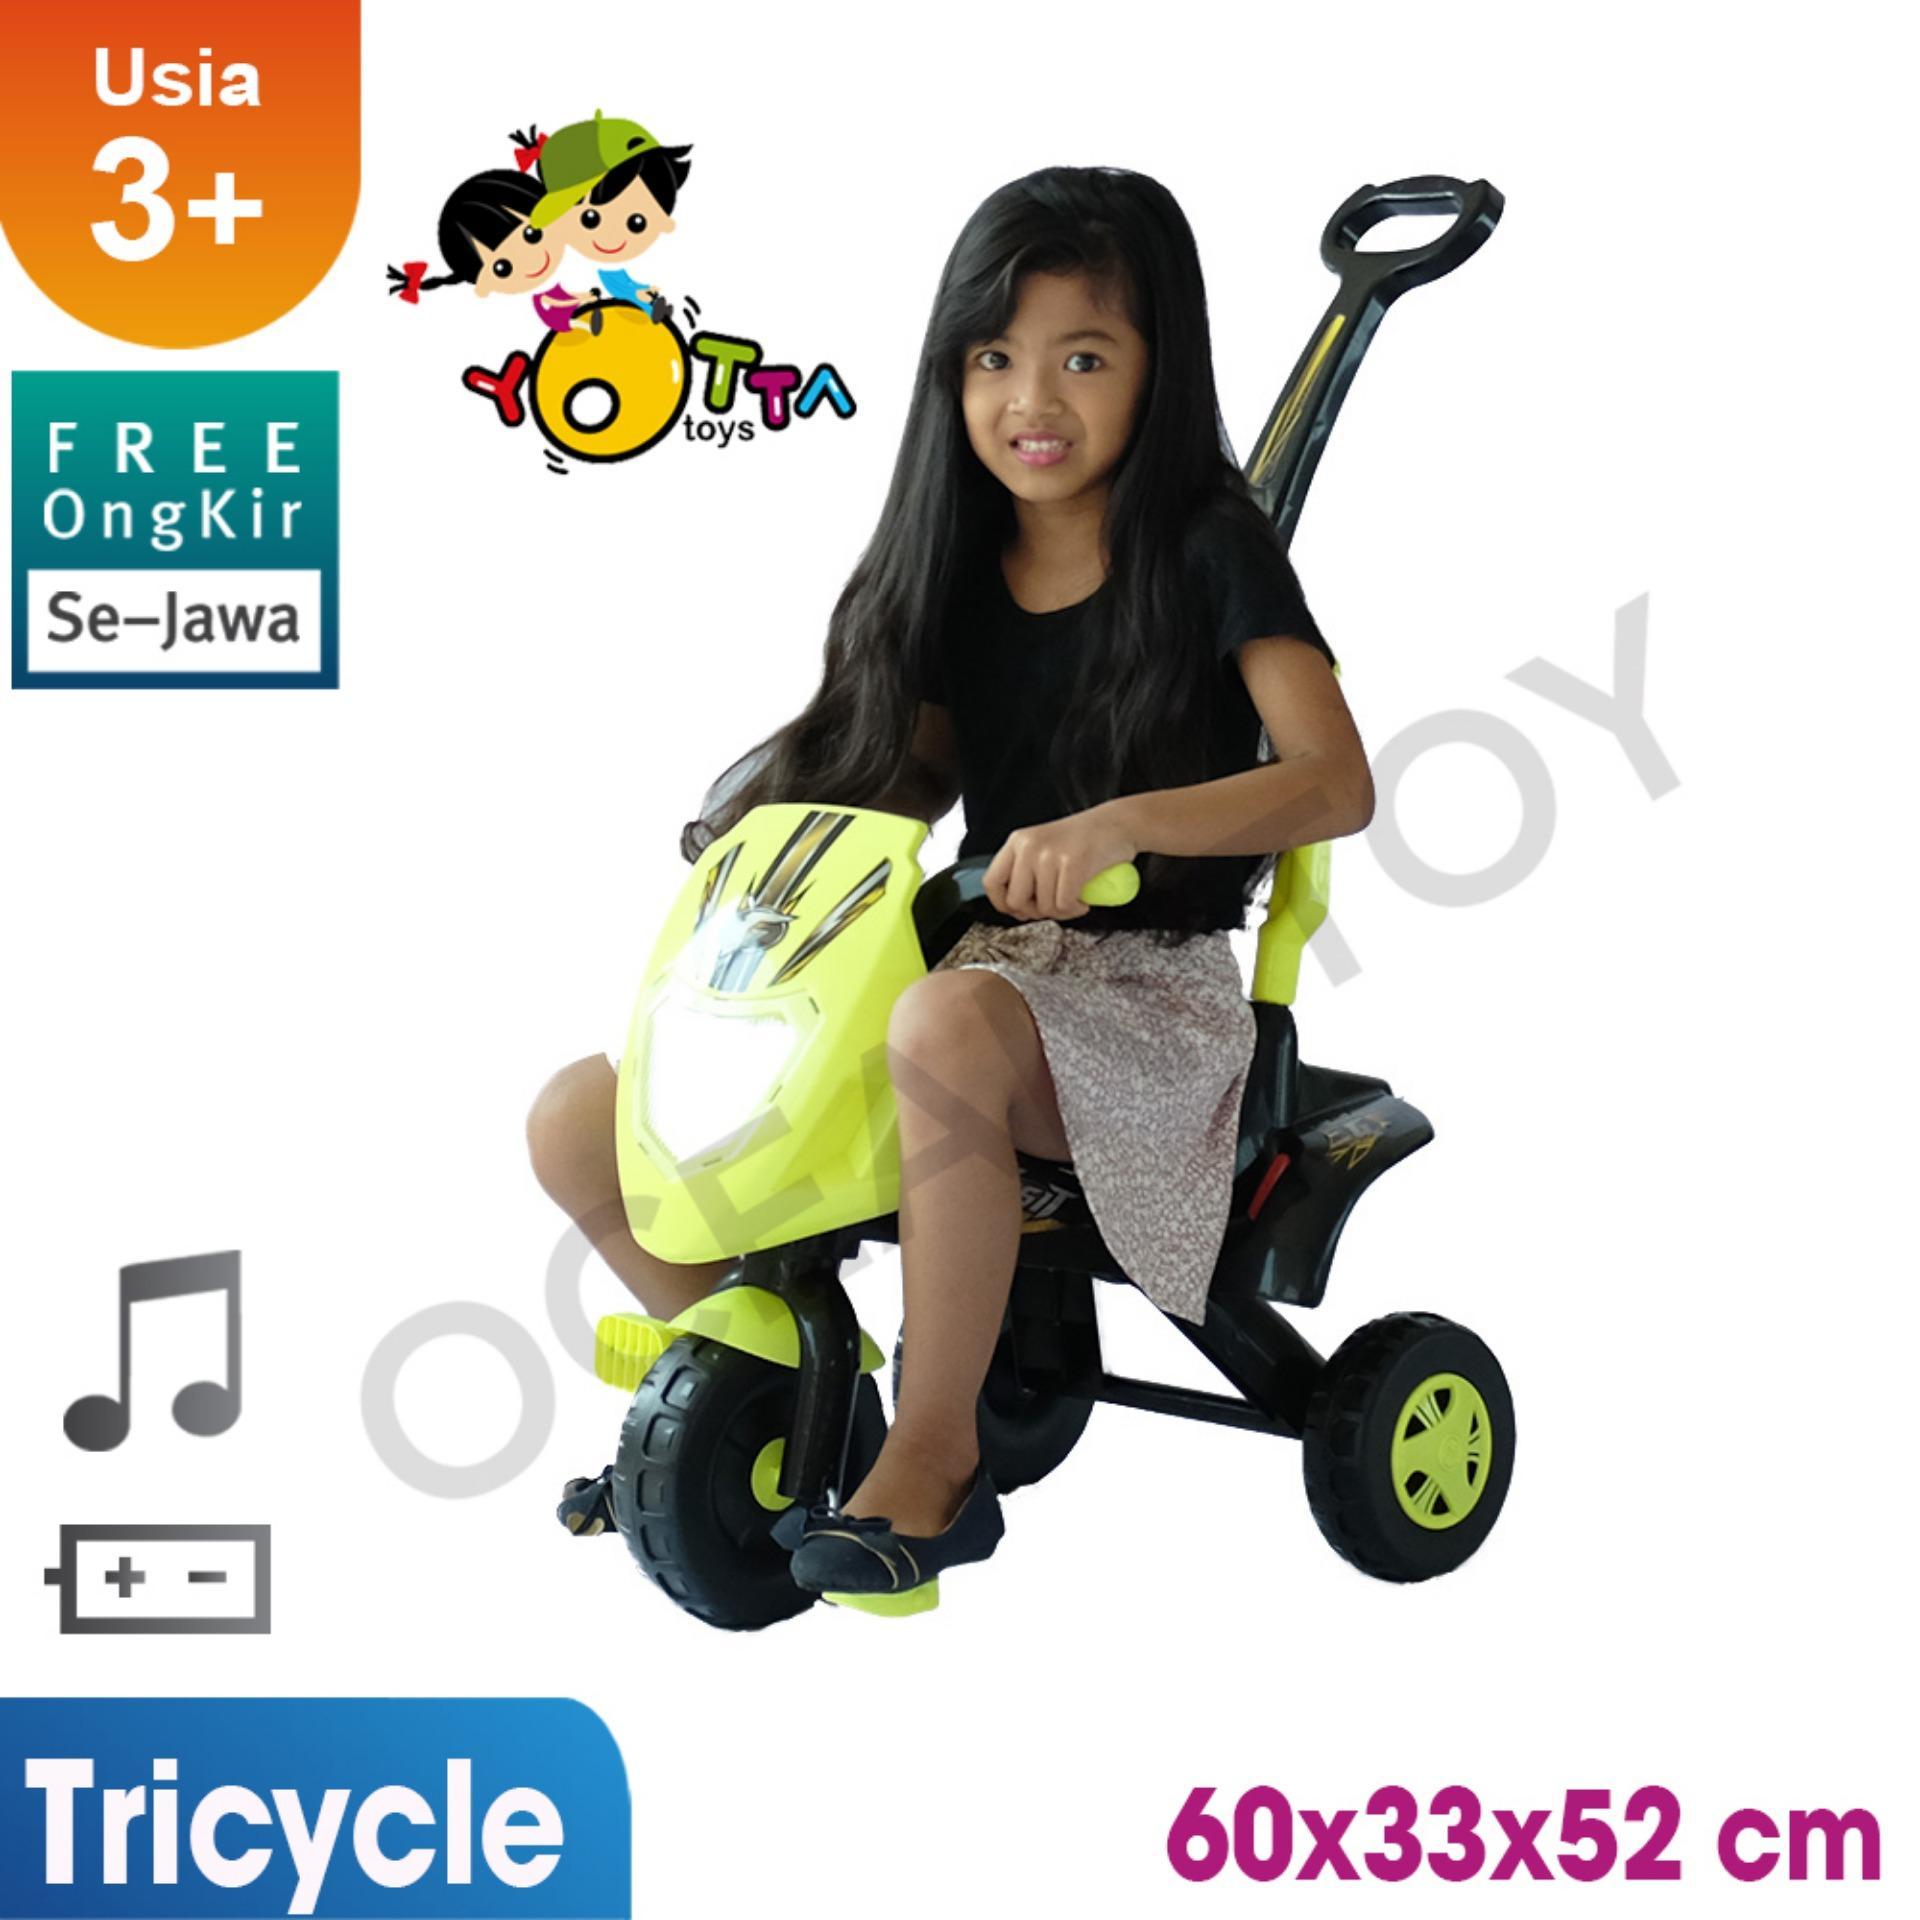 100% Free Ongkir Khusus Pulau Jawa Ocean Toy Yotta Ride On Sepeda Gesit Mainan Anak - Yellow